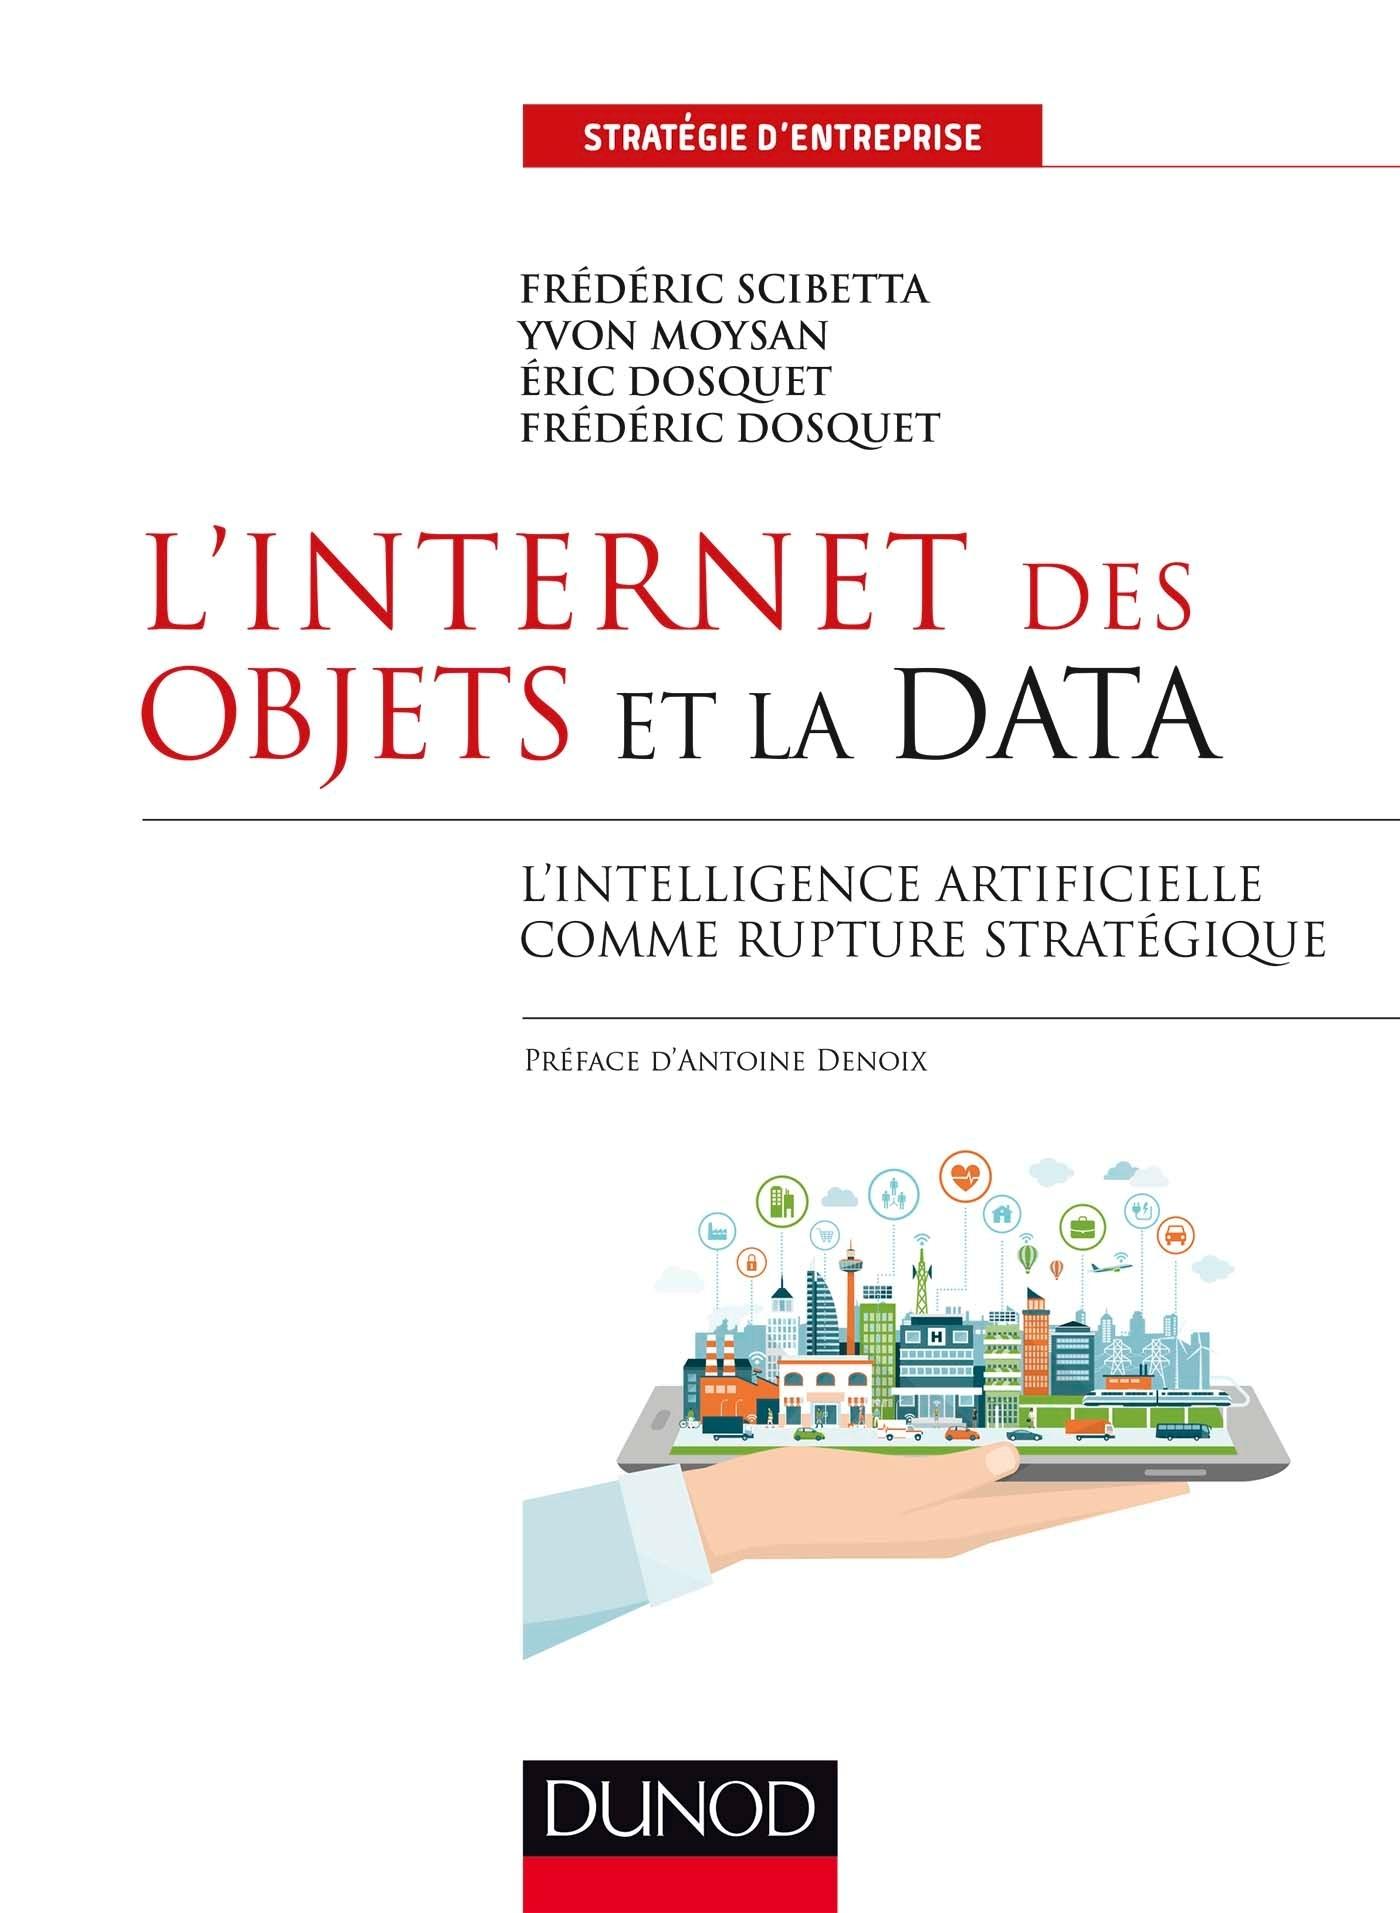 L'INTERNET DES OBJETS ET LA DATA - L'INTELLIGENCE ARTIFICIELLE COMME RUPTURE STRATEGIQUE